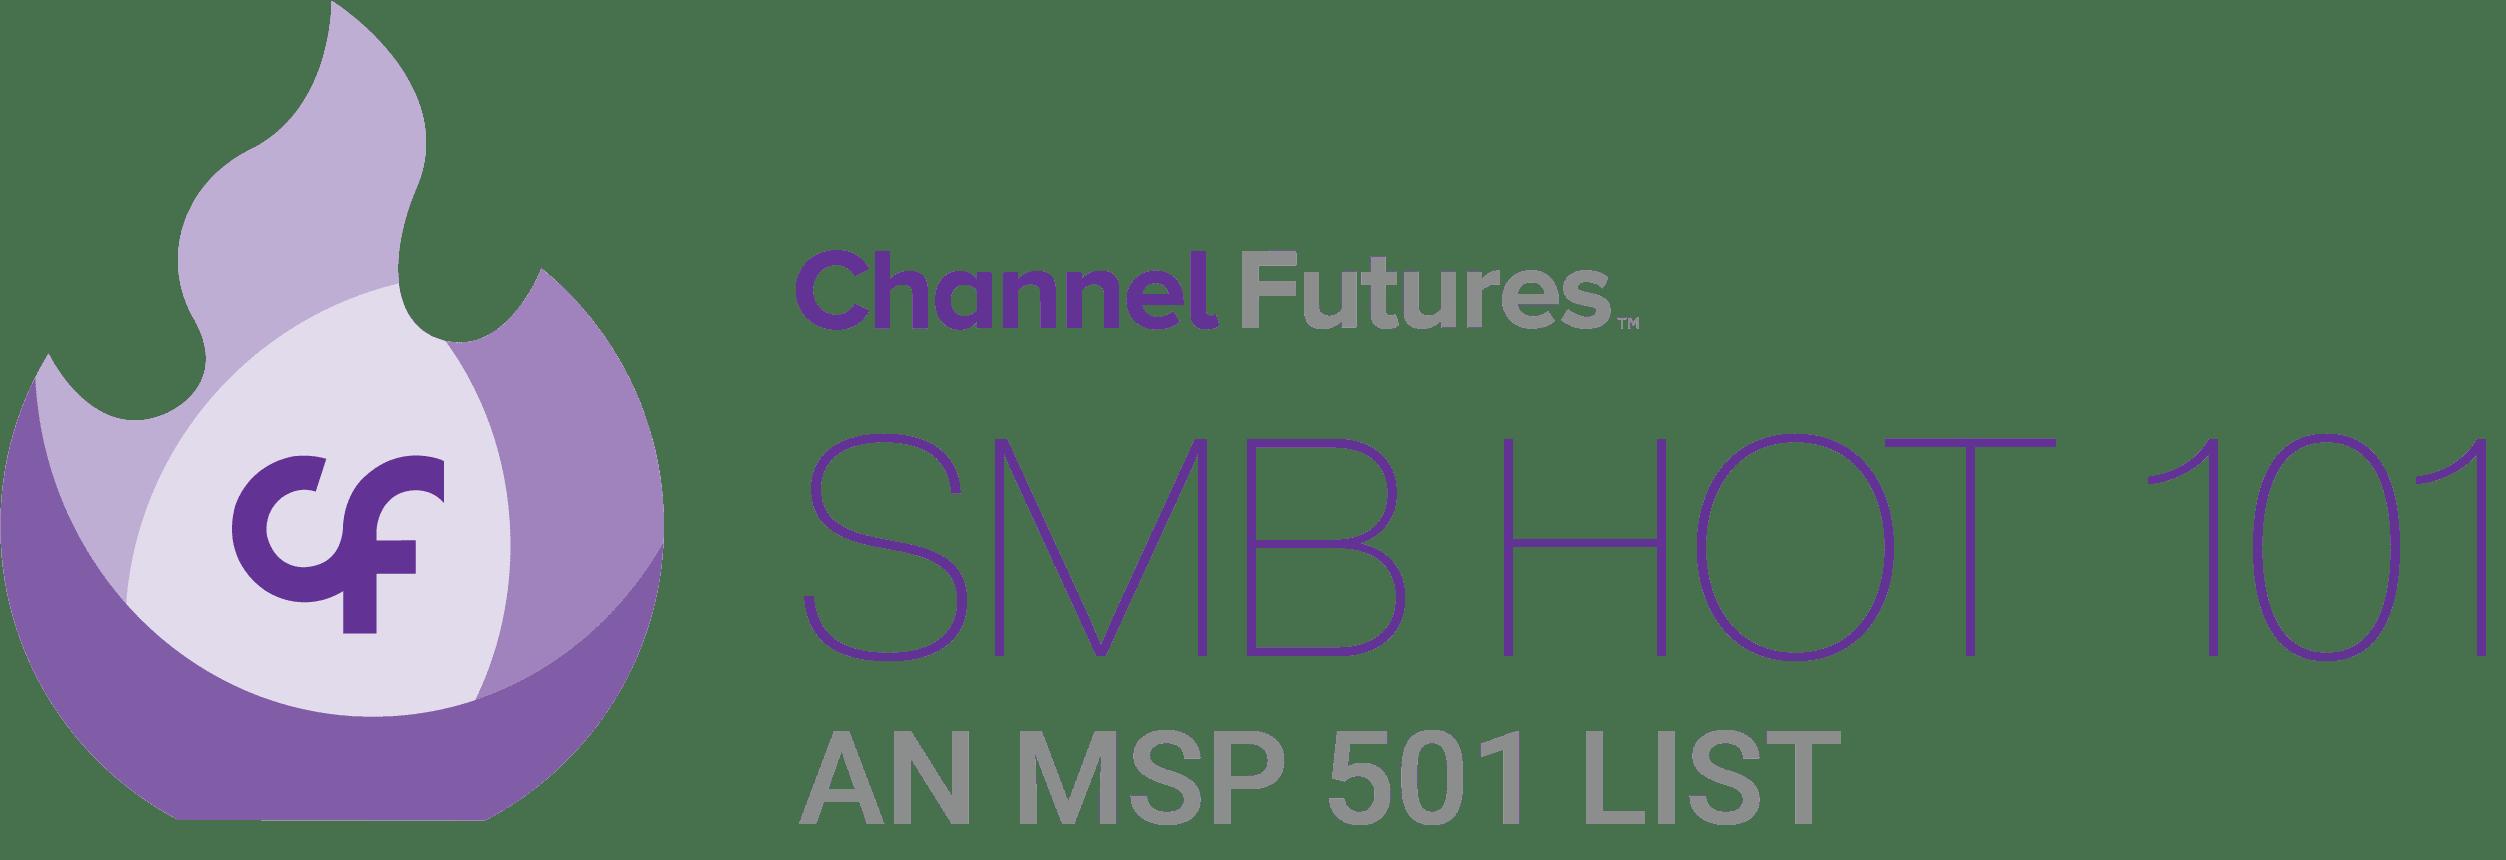 SMP Hot 101